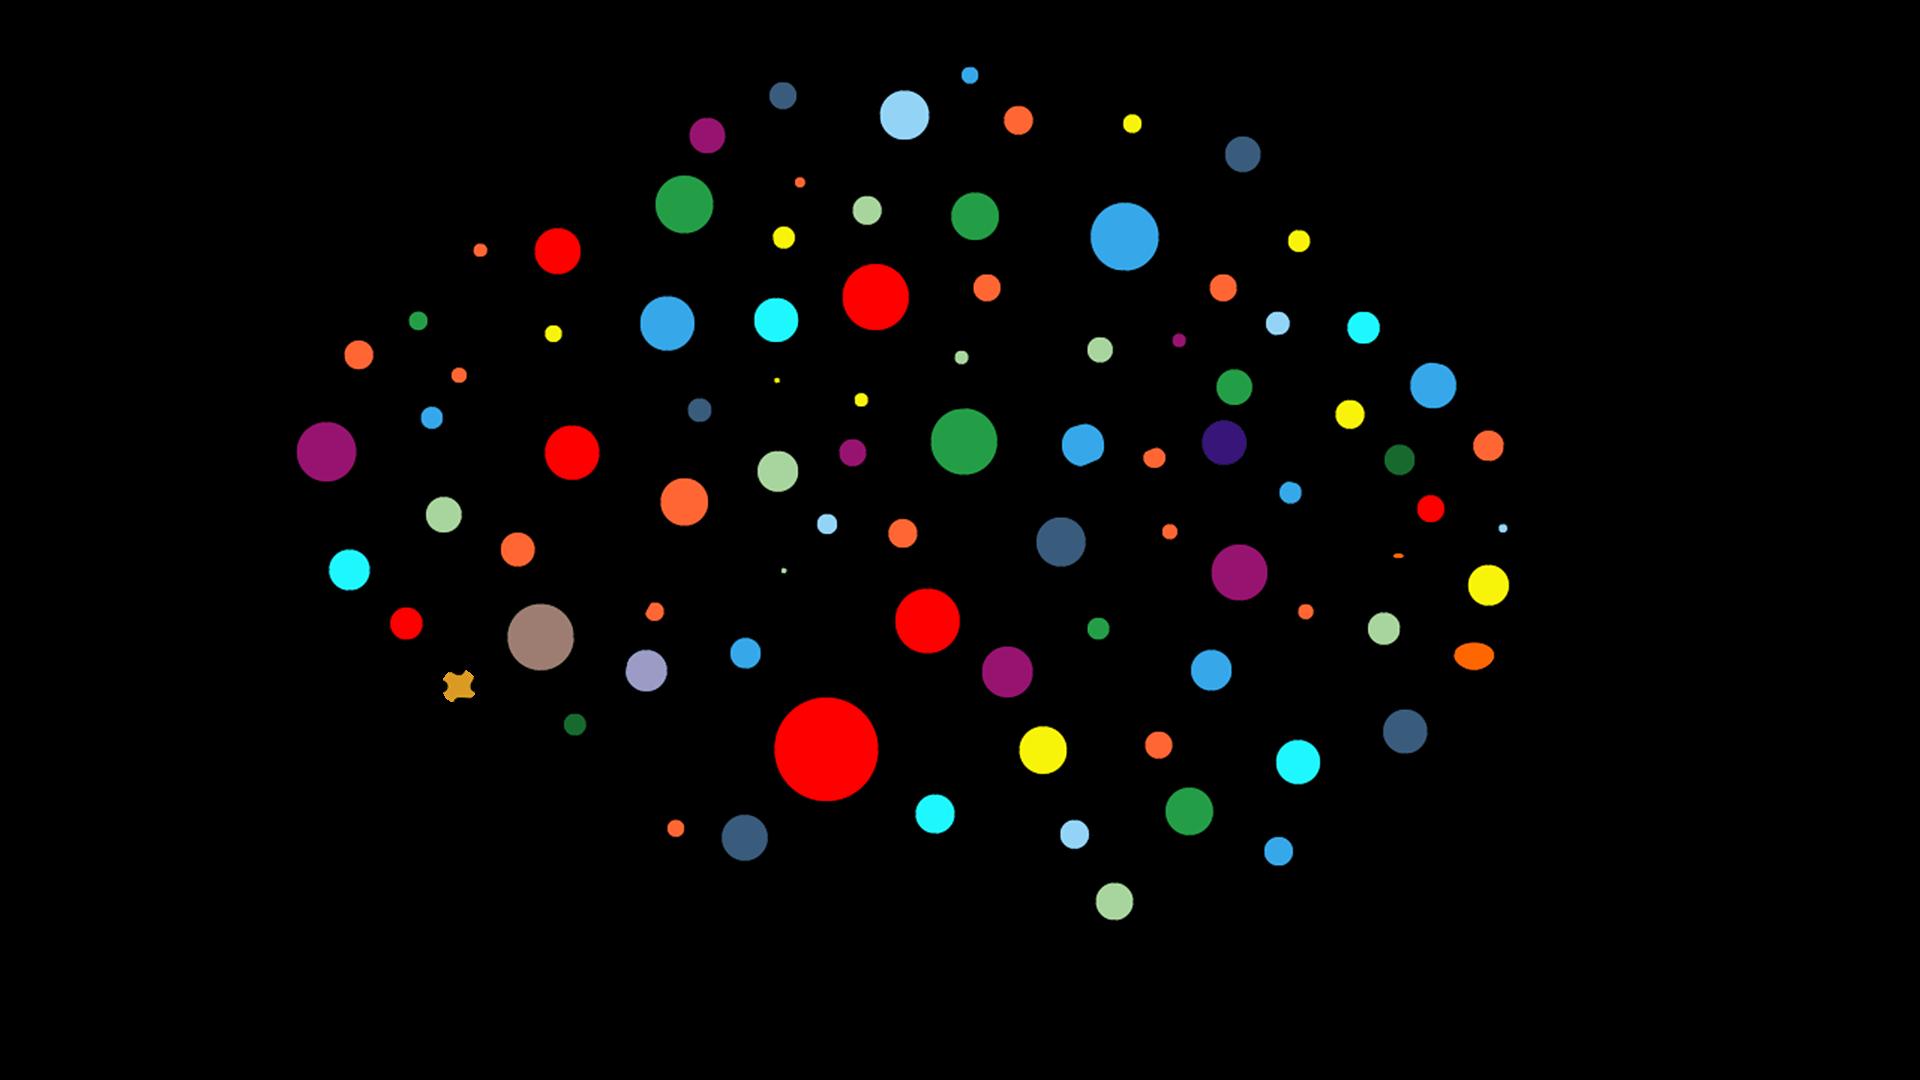 Symbolische Abbildung für künstliche neuronale Netzwerke